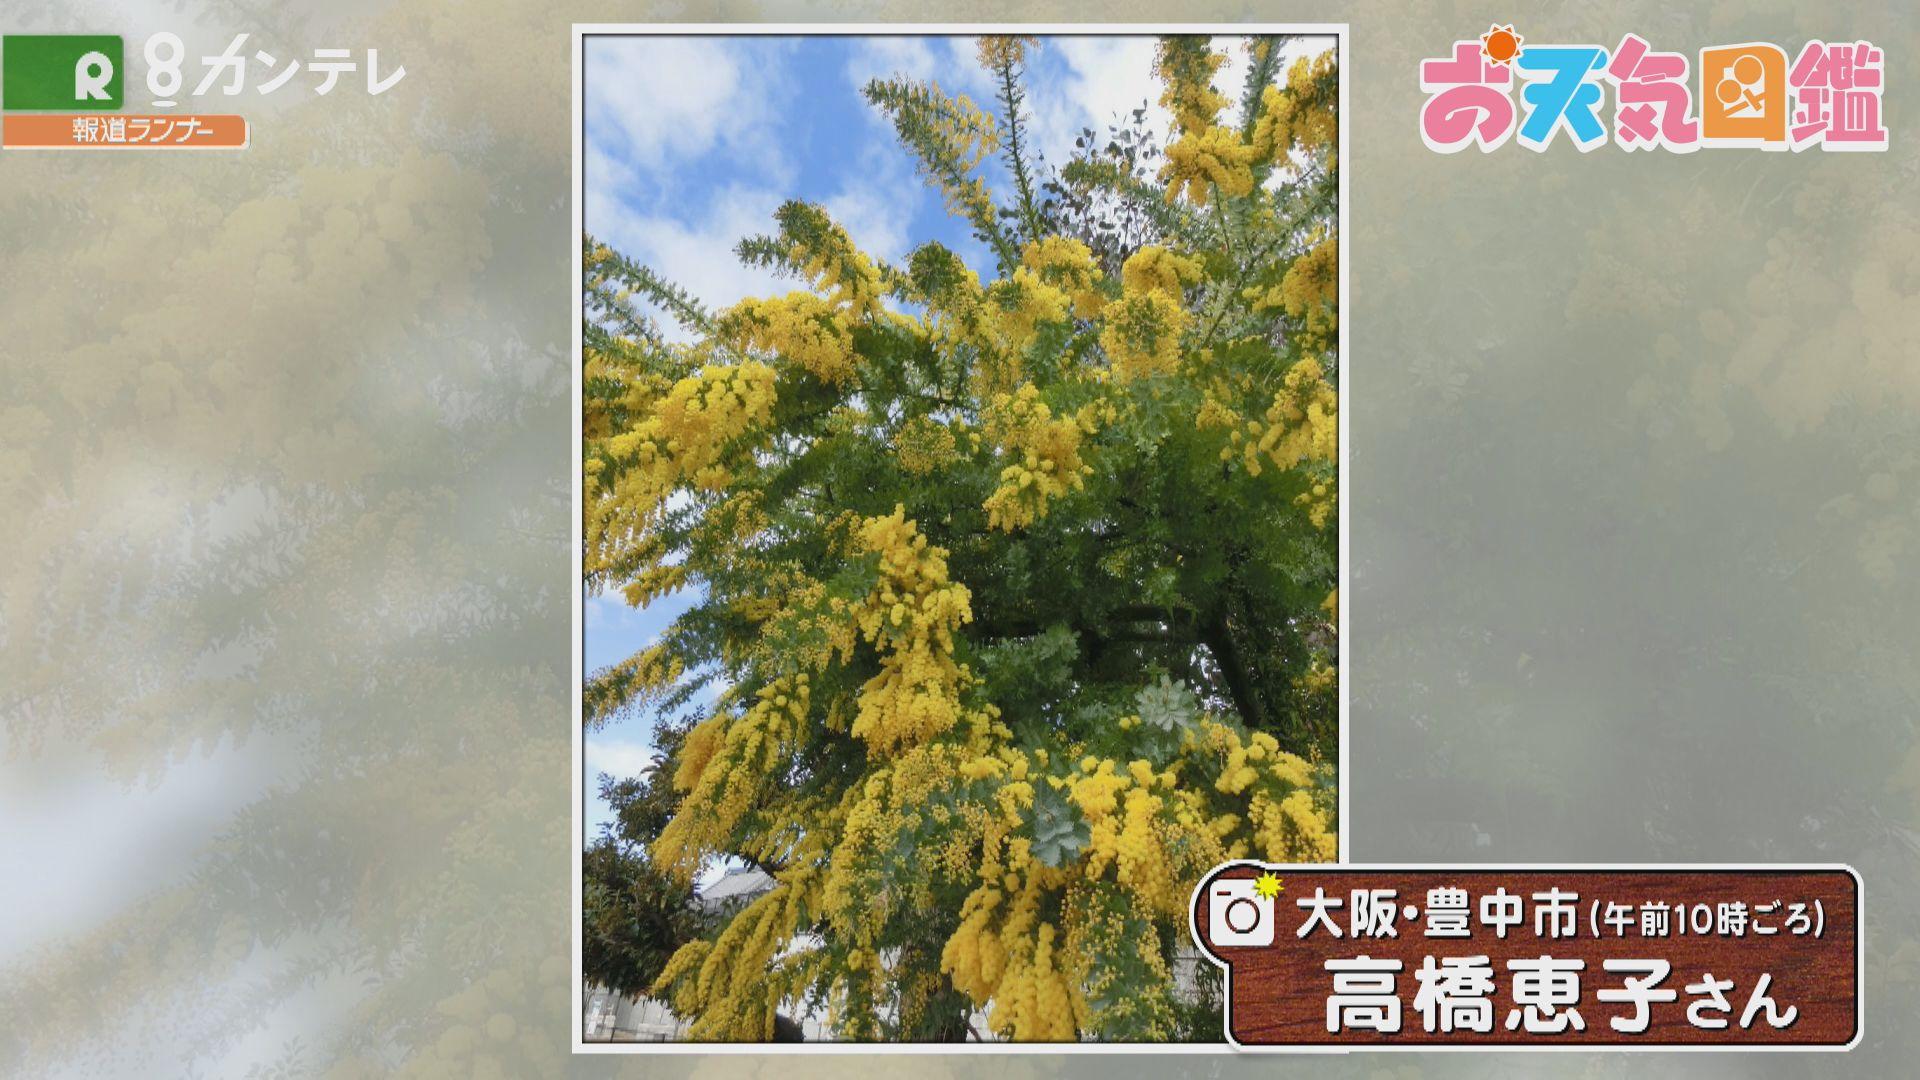 「ミモザの花に…うっとり」(大阪・豊中市)